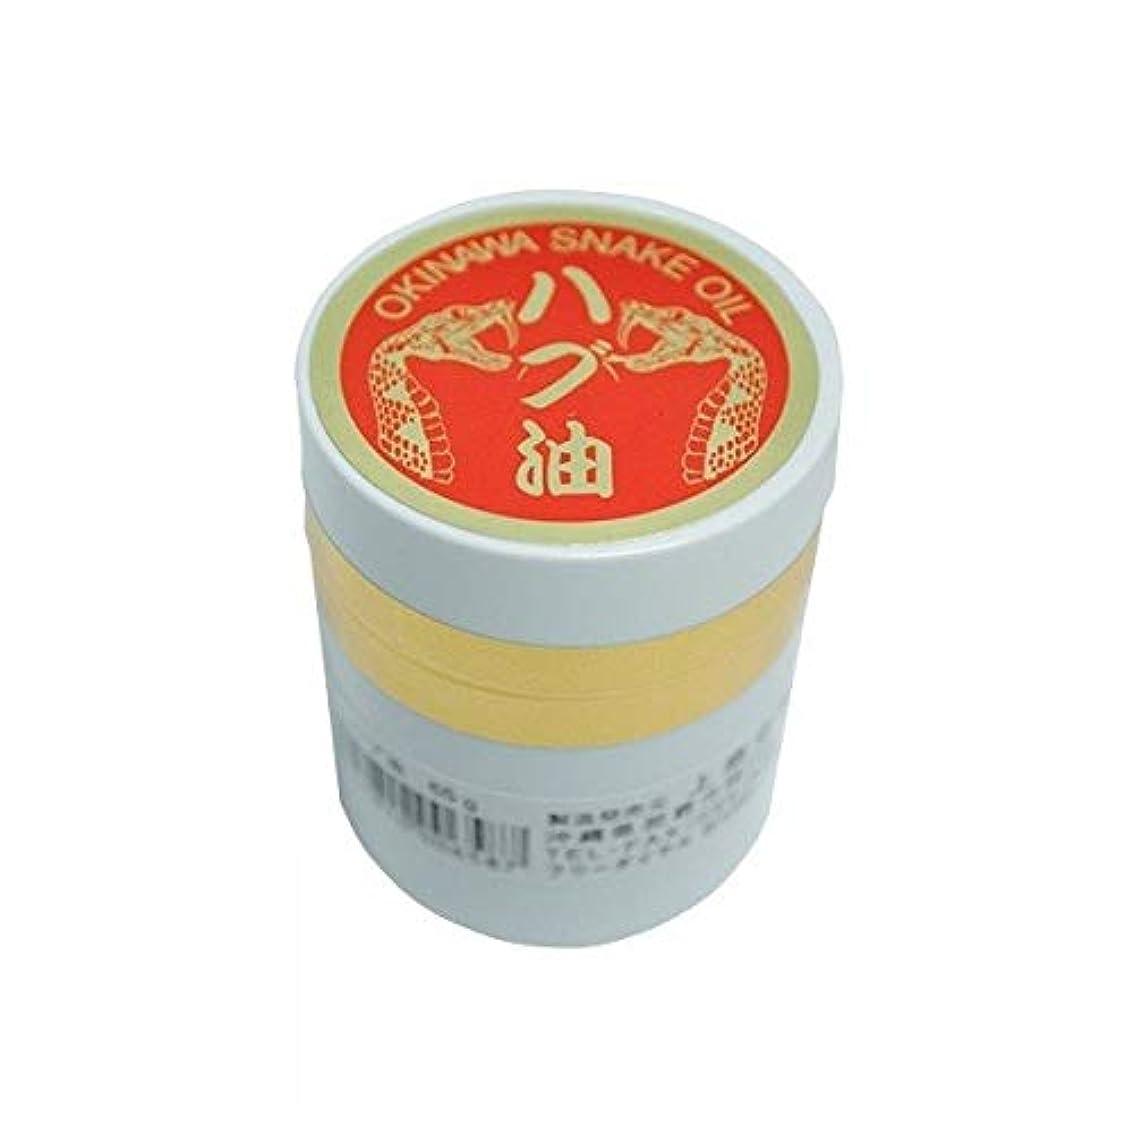 潜在的なコンソール剛性沖縄産 ハブ油 65g 軟膏タイプ